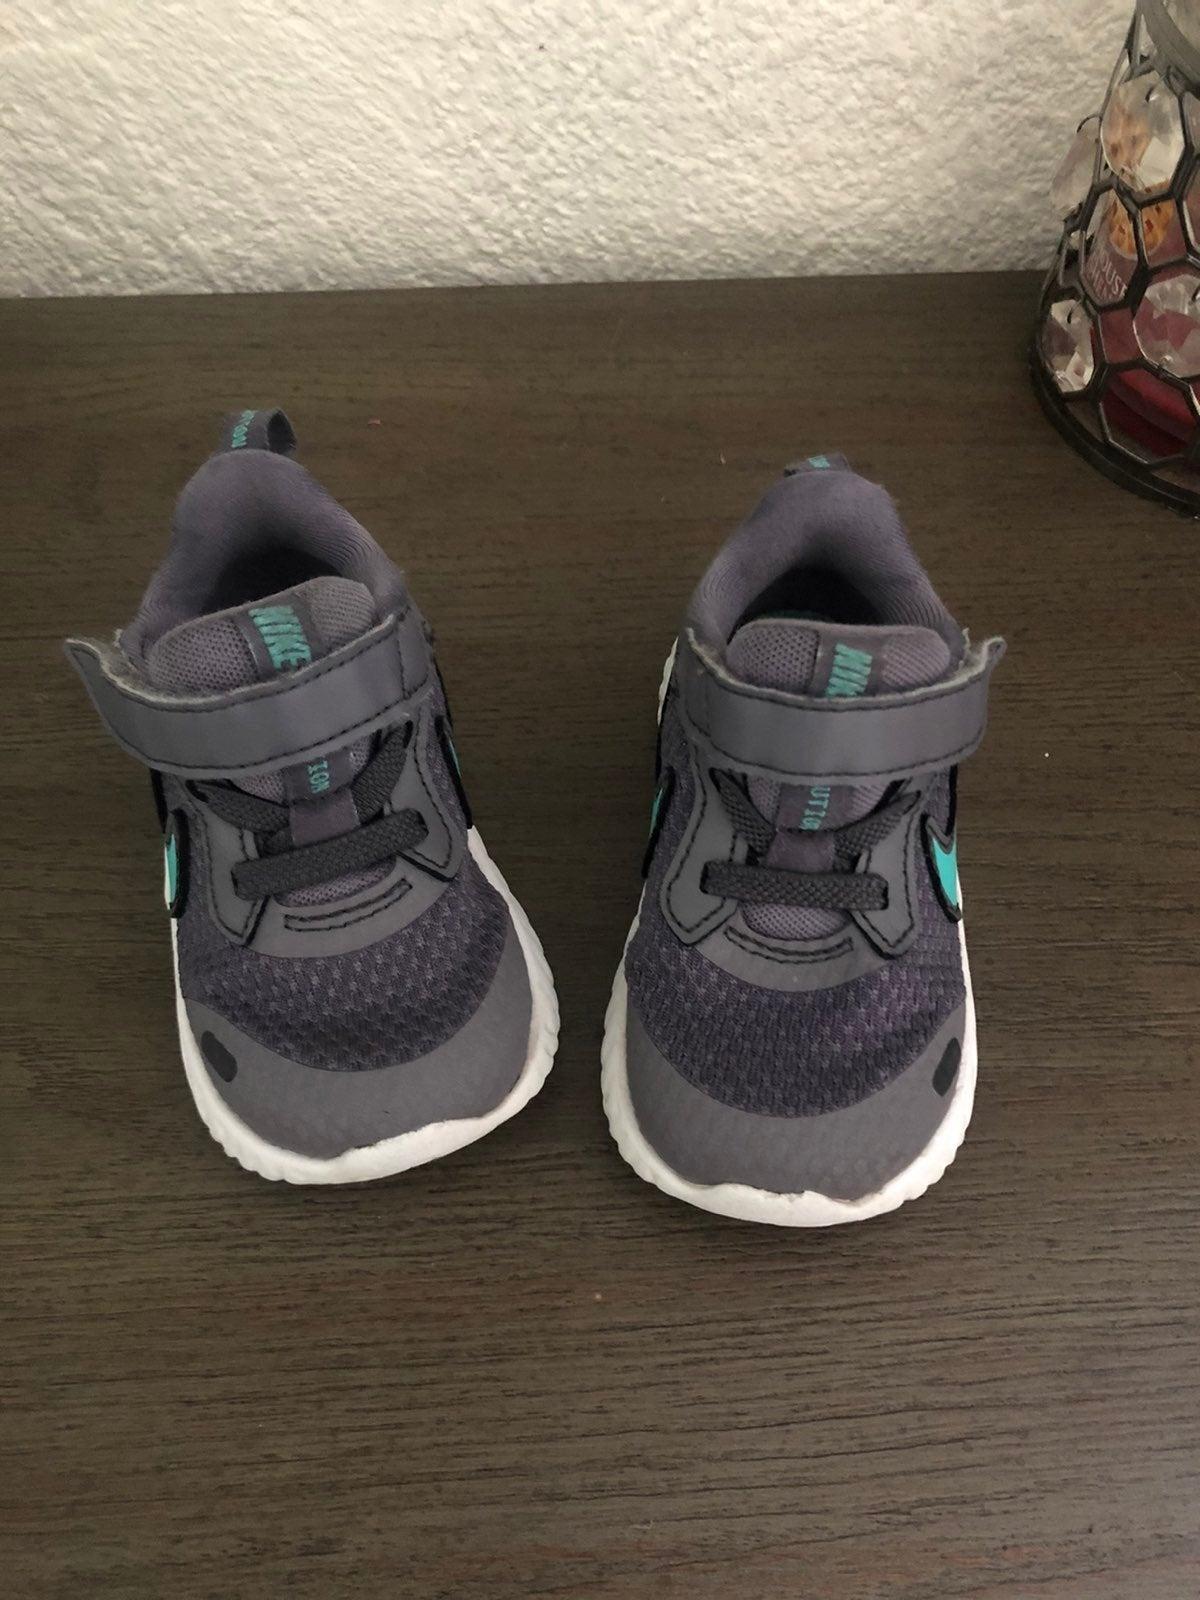 Nikes & sandal bundle